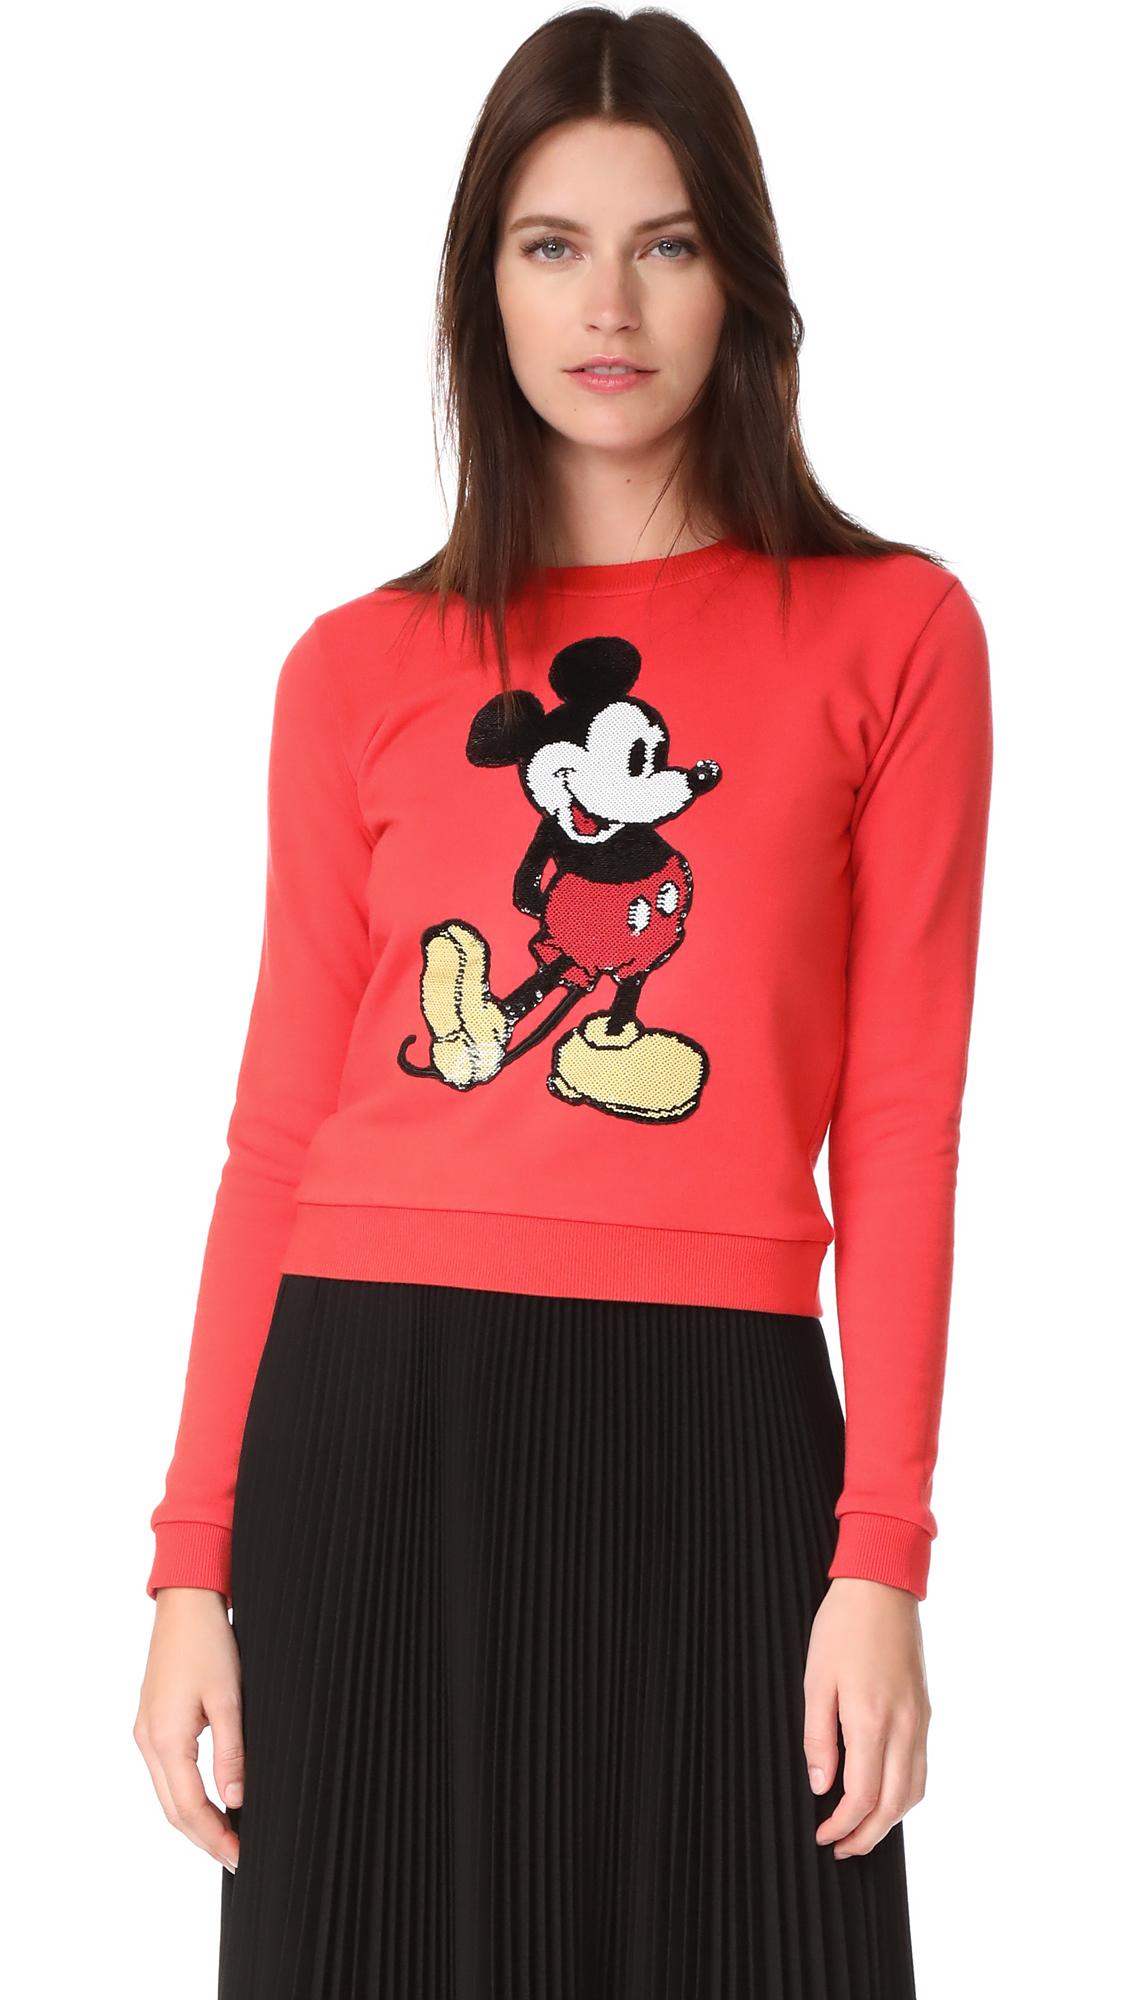 Marc Jacobs Shrunken Sweatshirt - Red